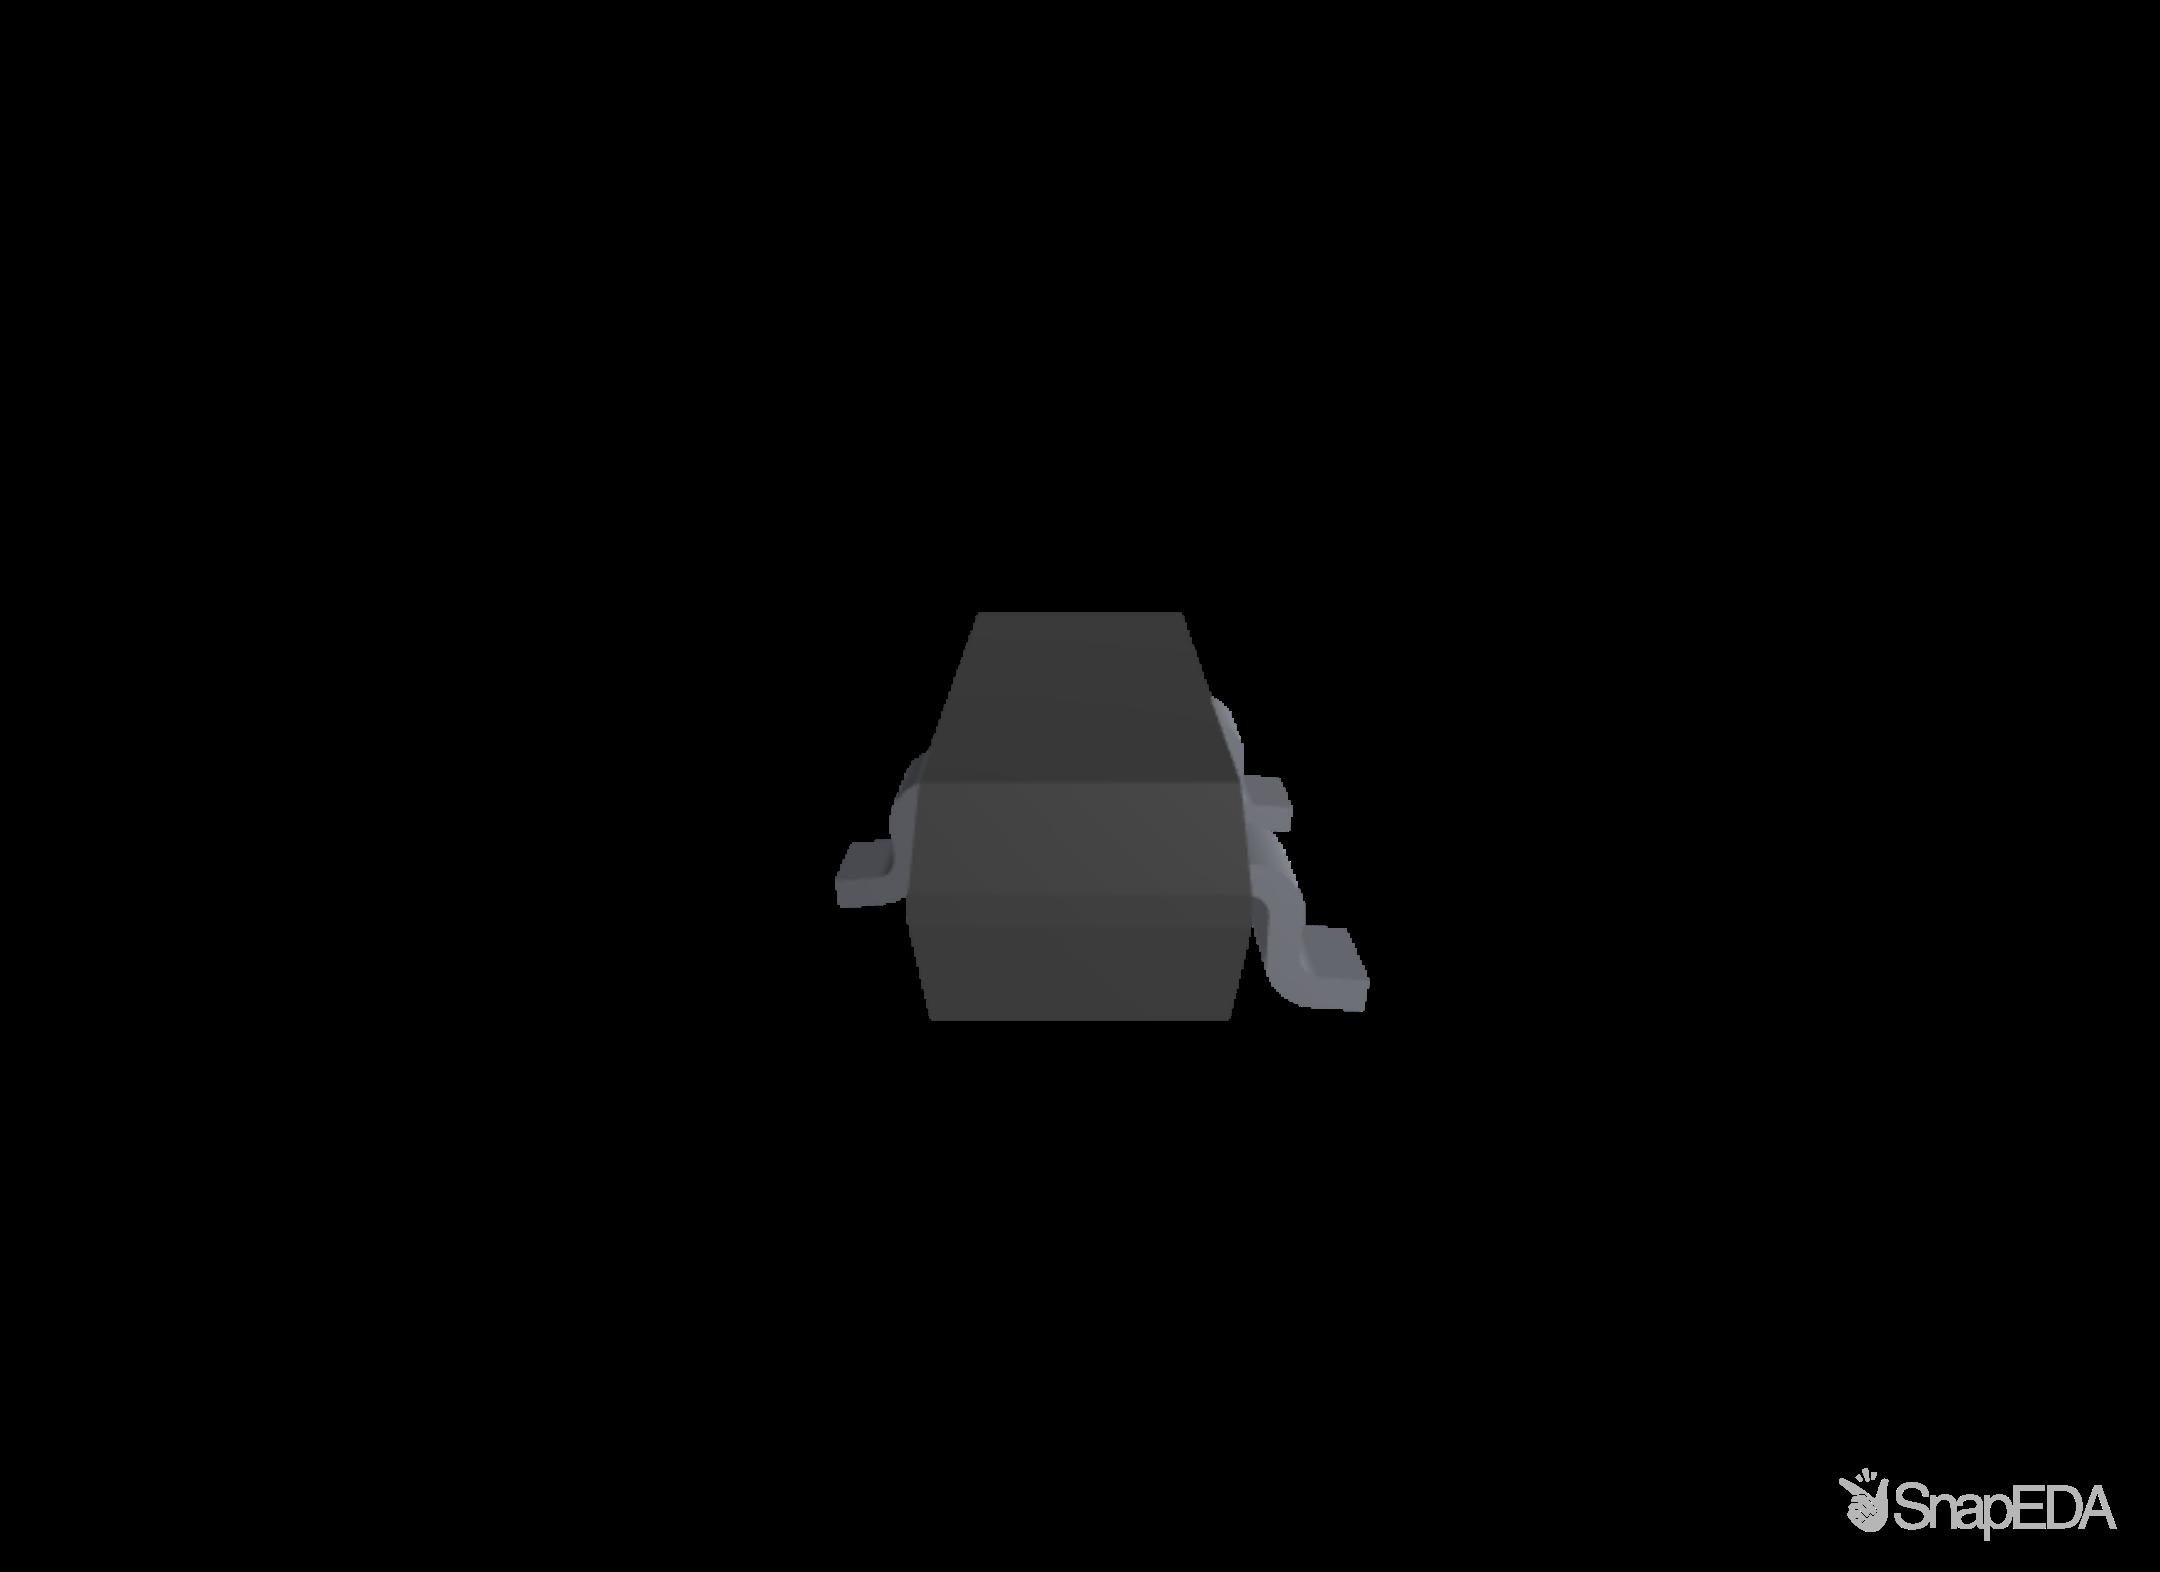 2N7002WT1G 3D Model